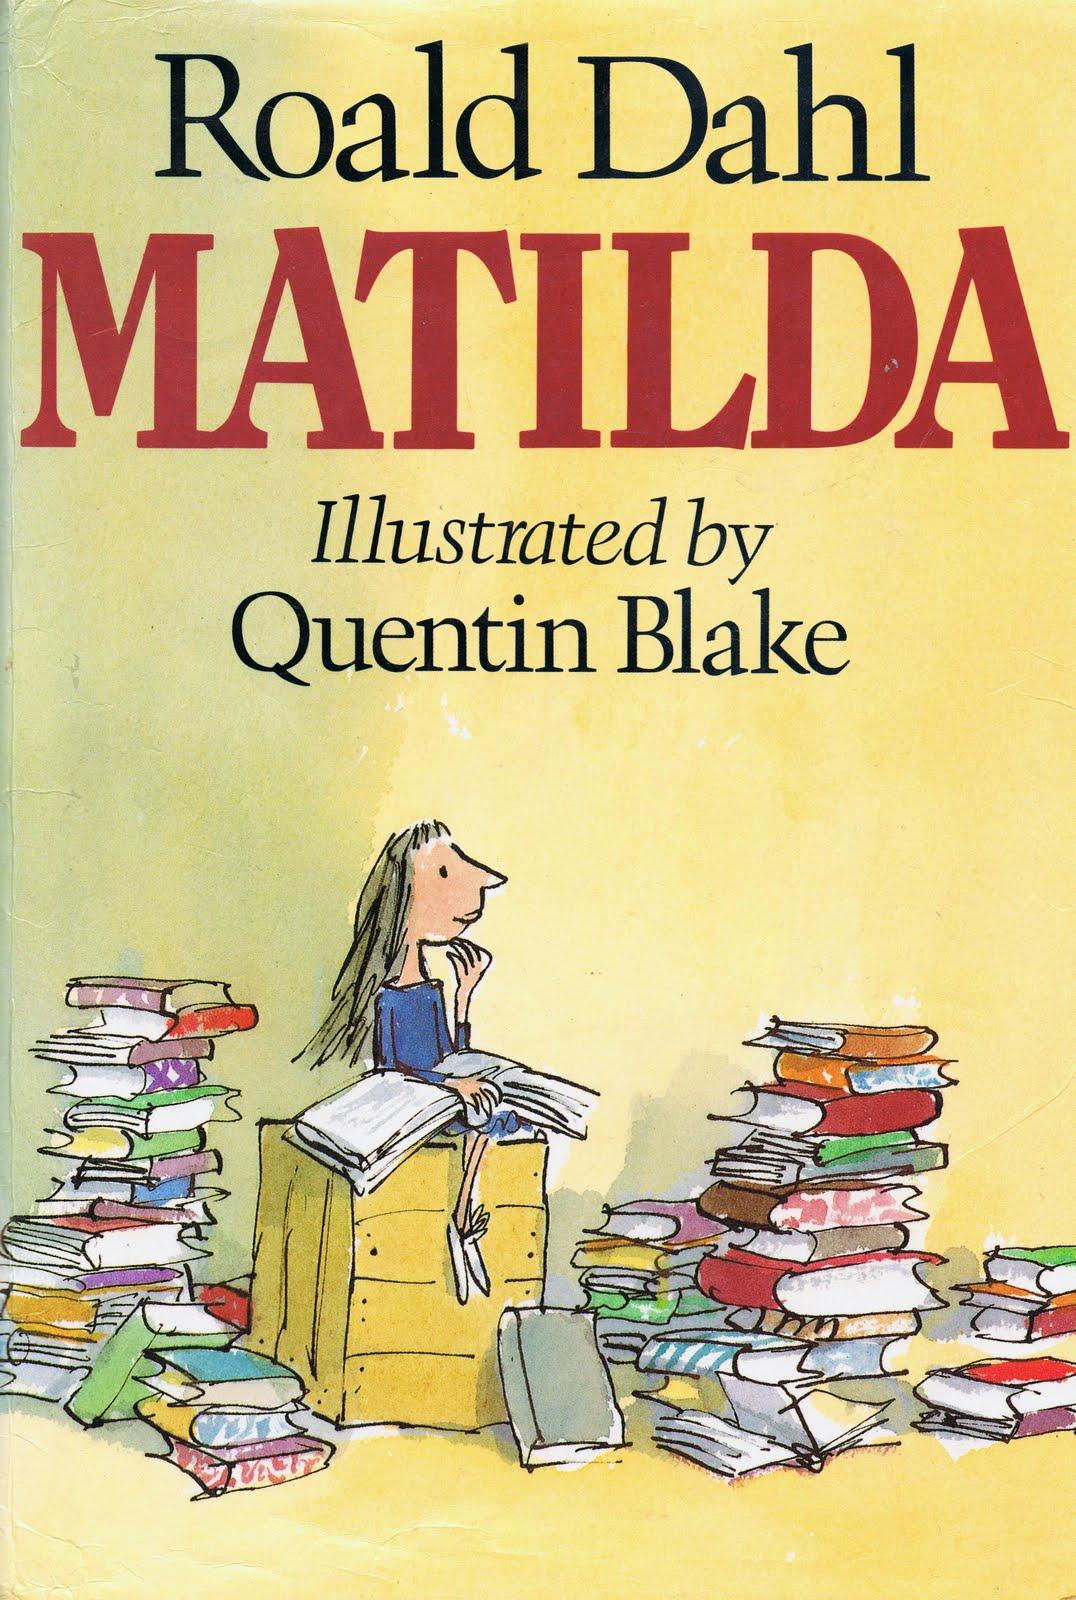 Resultado de imagen de Matilda de dahl